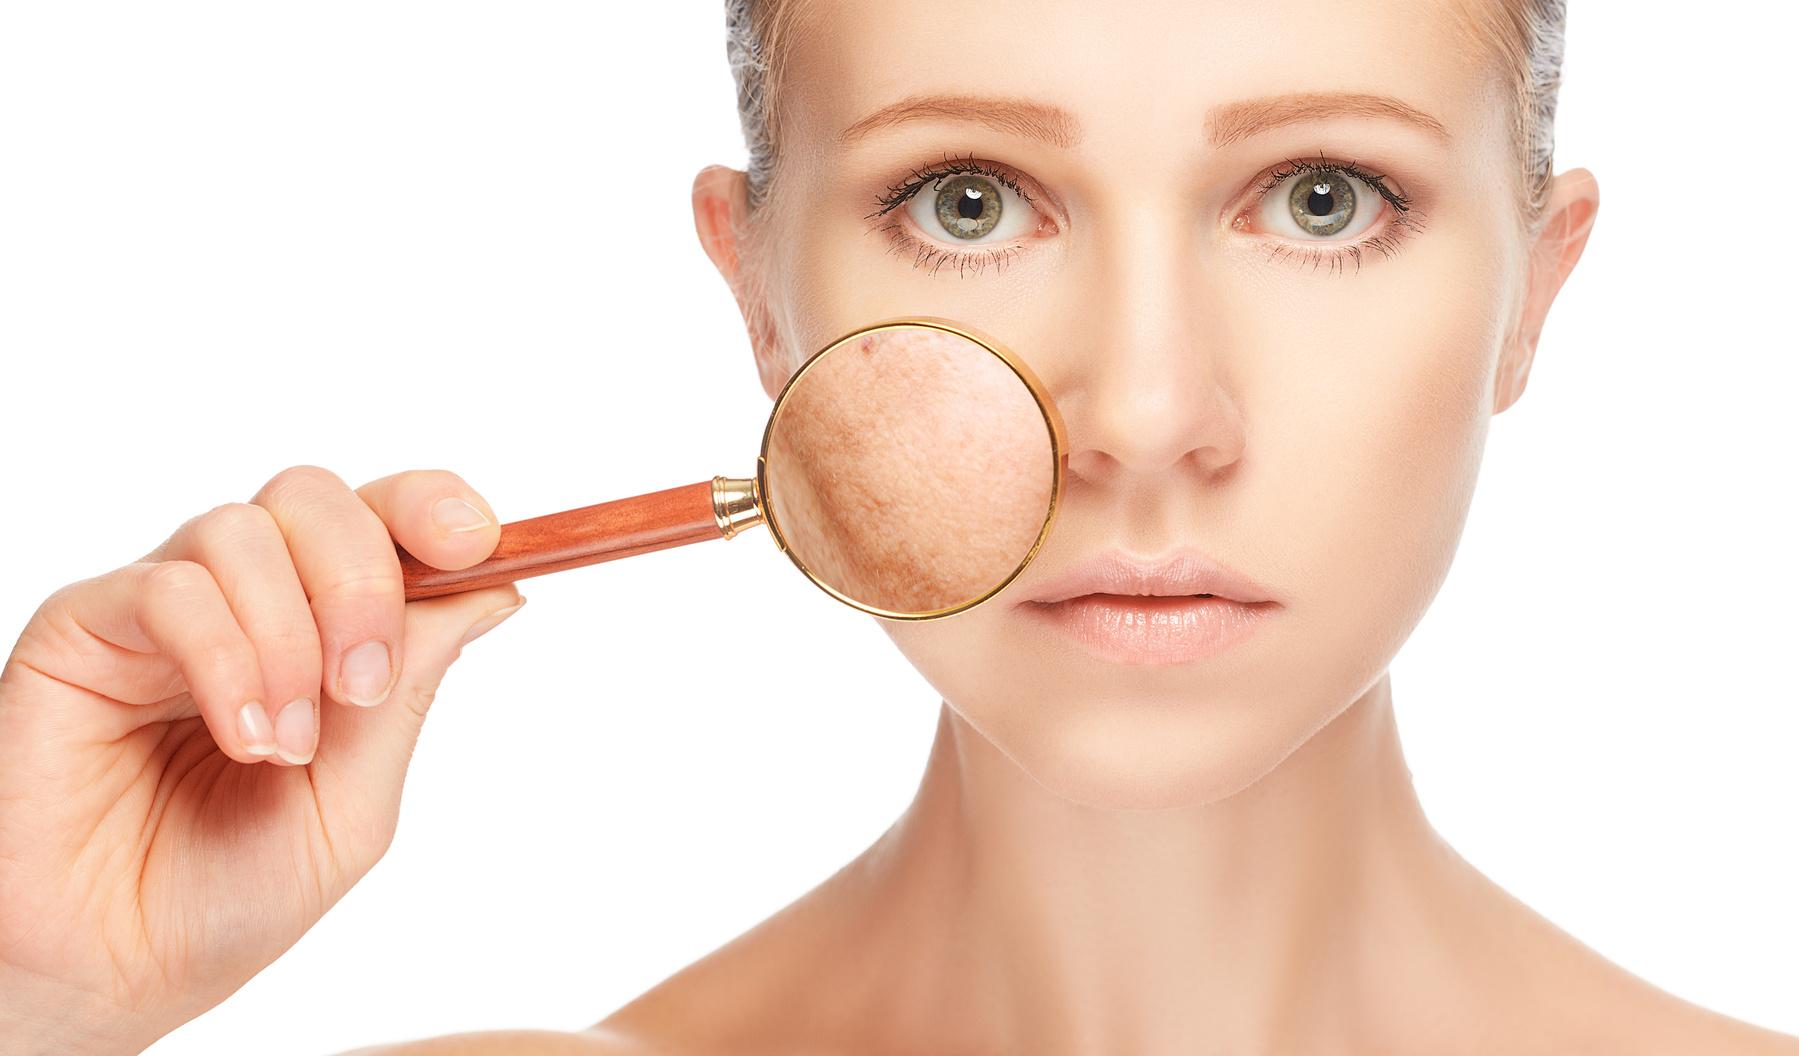 Купероз на лице: фото сосудистых звездочек, причины и лечение